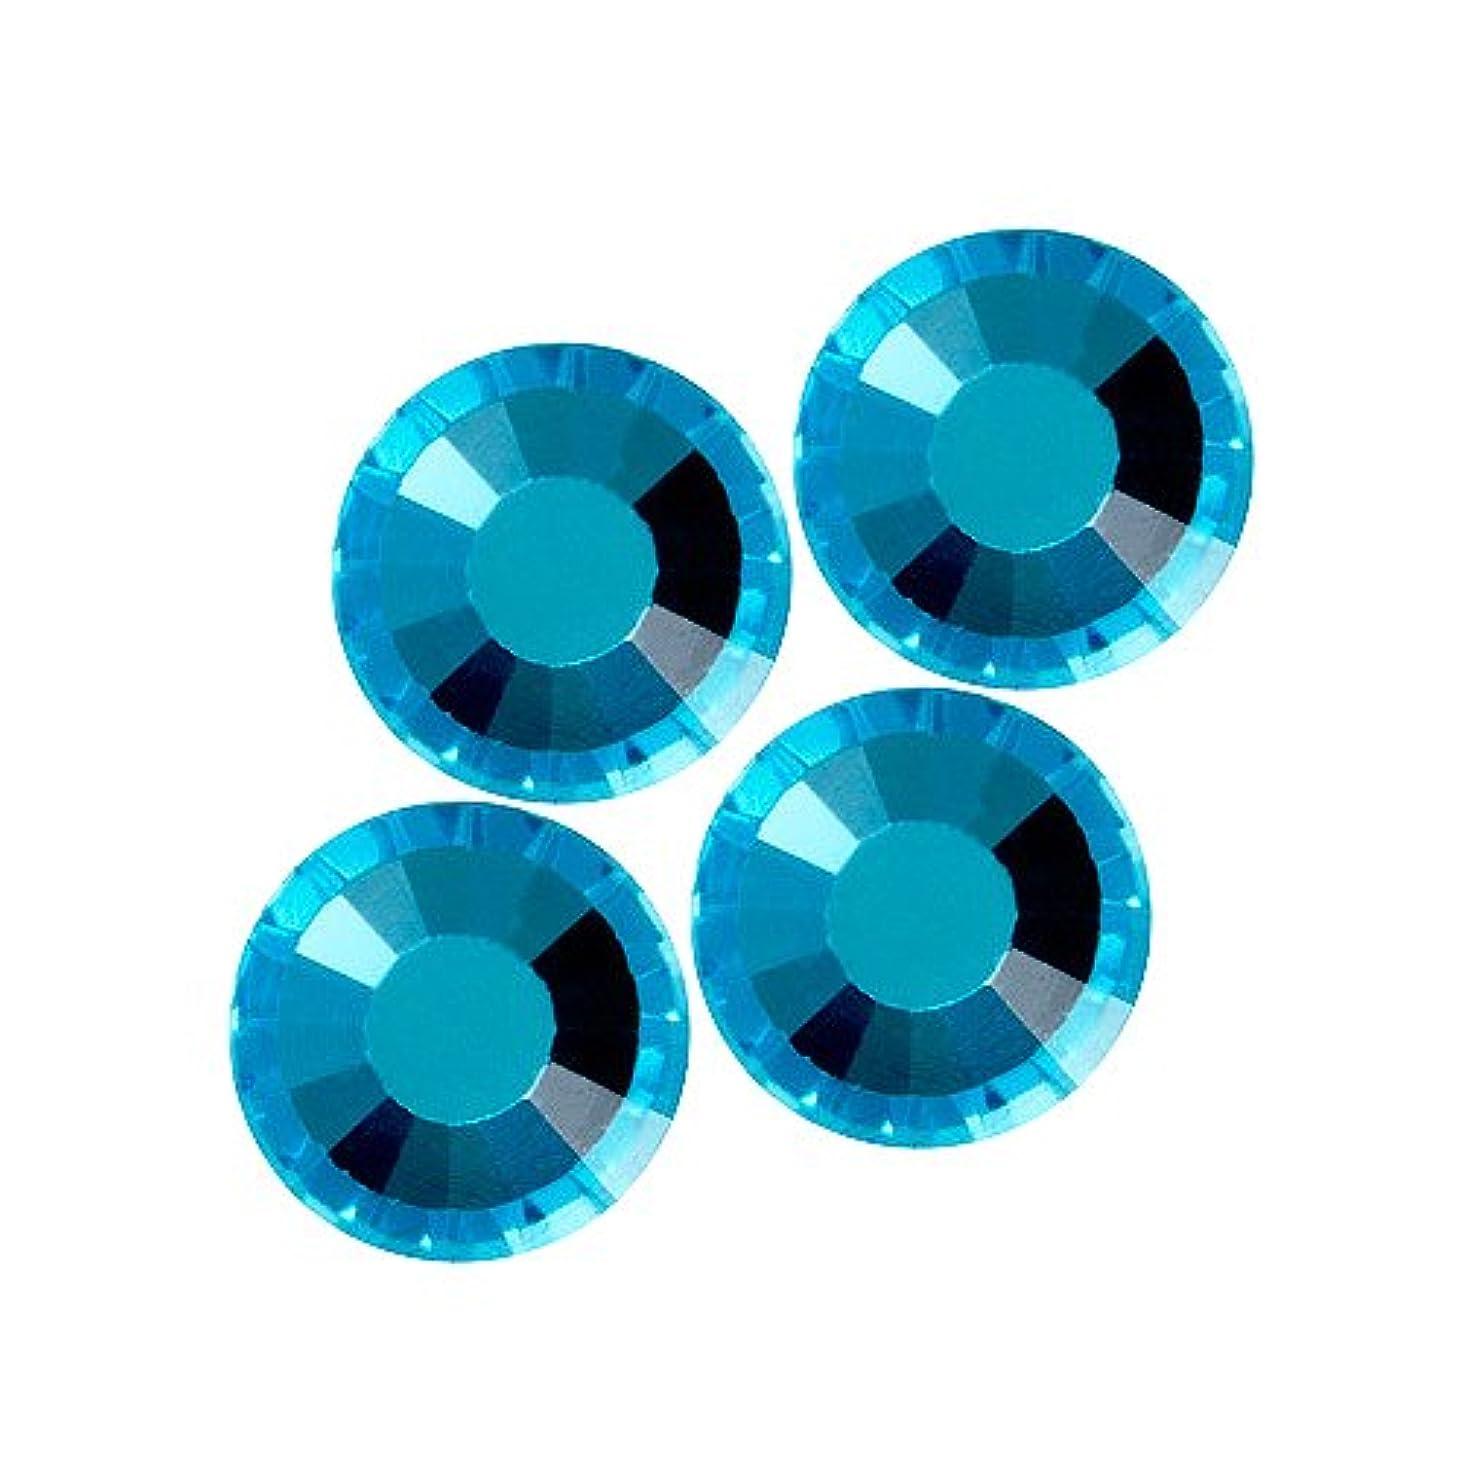 テセウス座標寝てるバイナル DIAMOND RHINESTONE アクアマリン SS12 1440粒 ST-SS12-AQM-10G